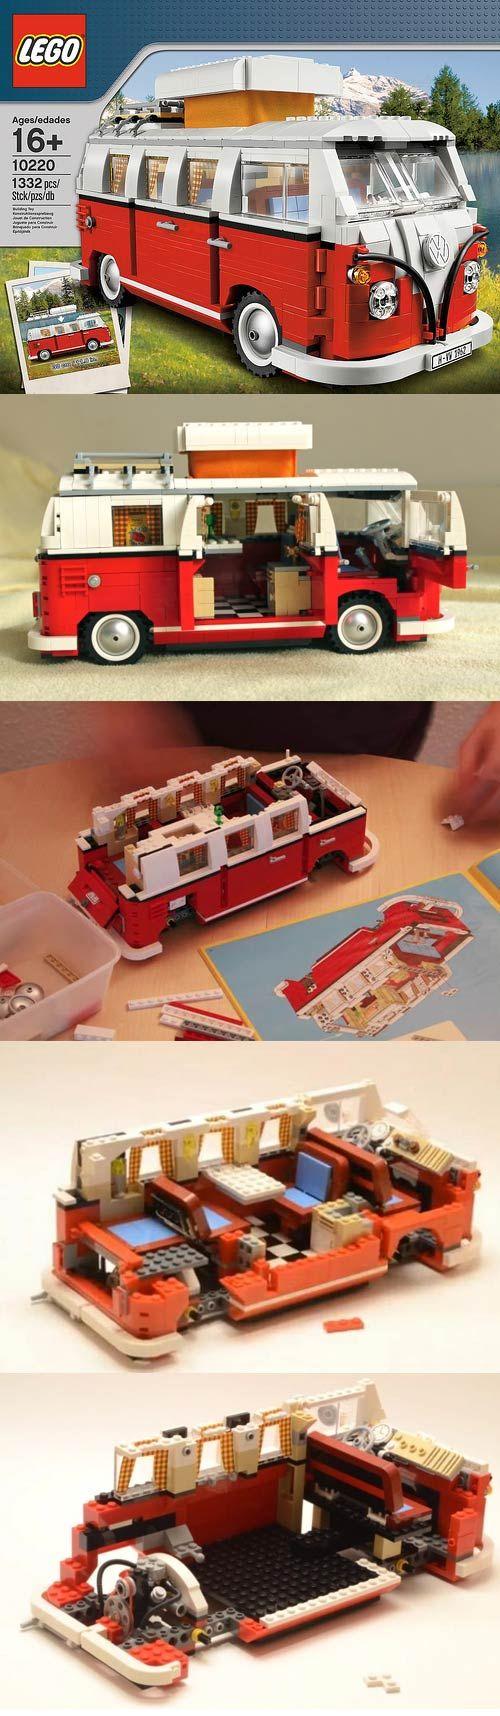 LEGO Volkswagen T1 Camper Van                                                                                                                                                                                 More